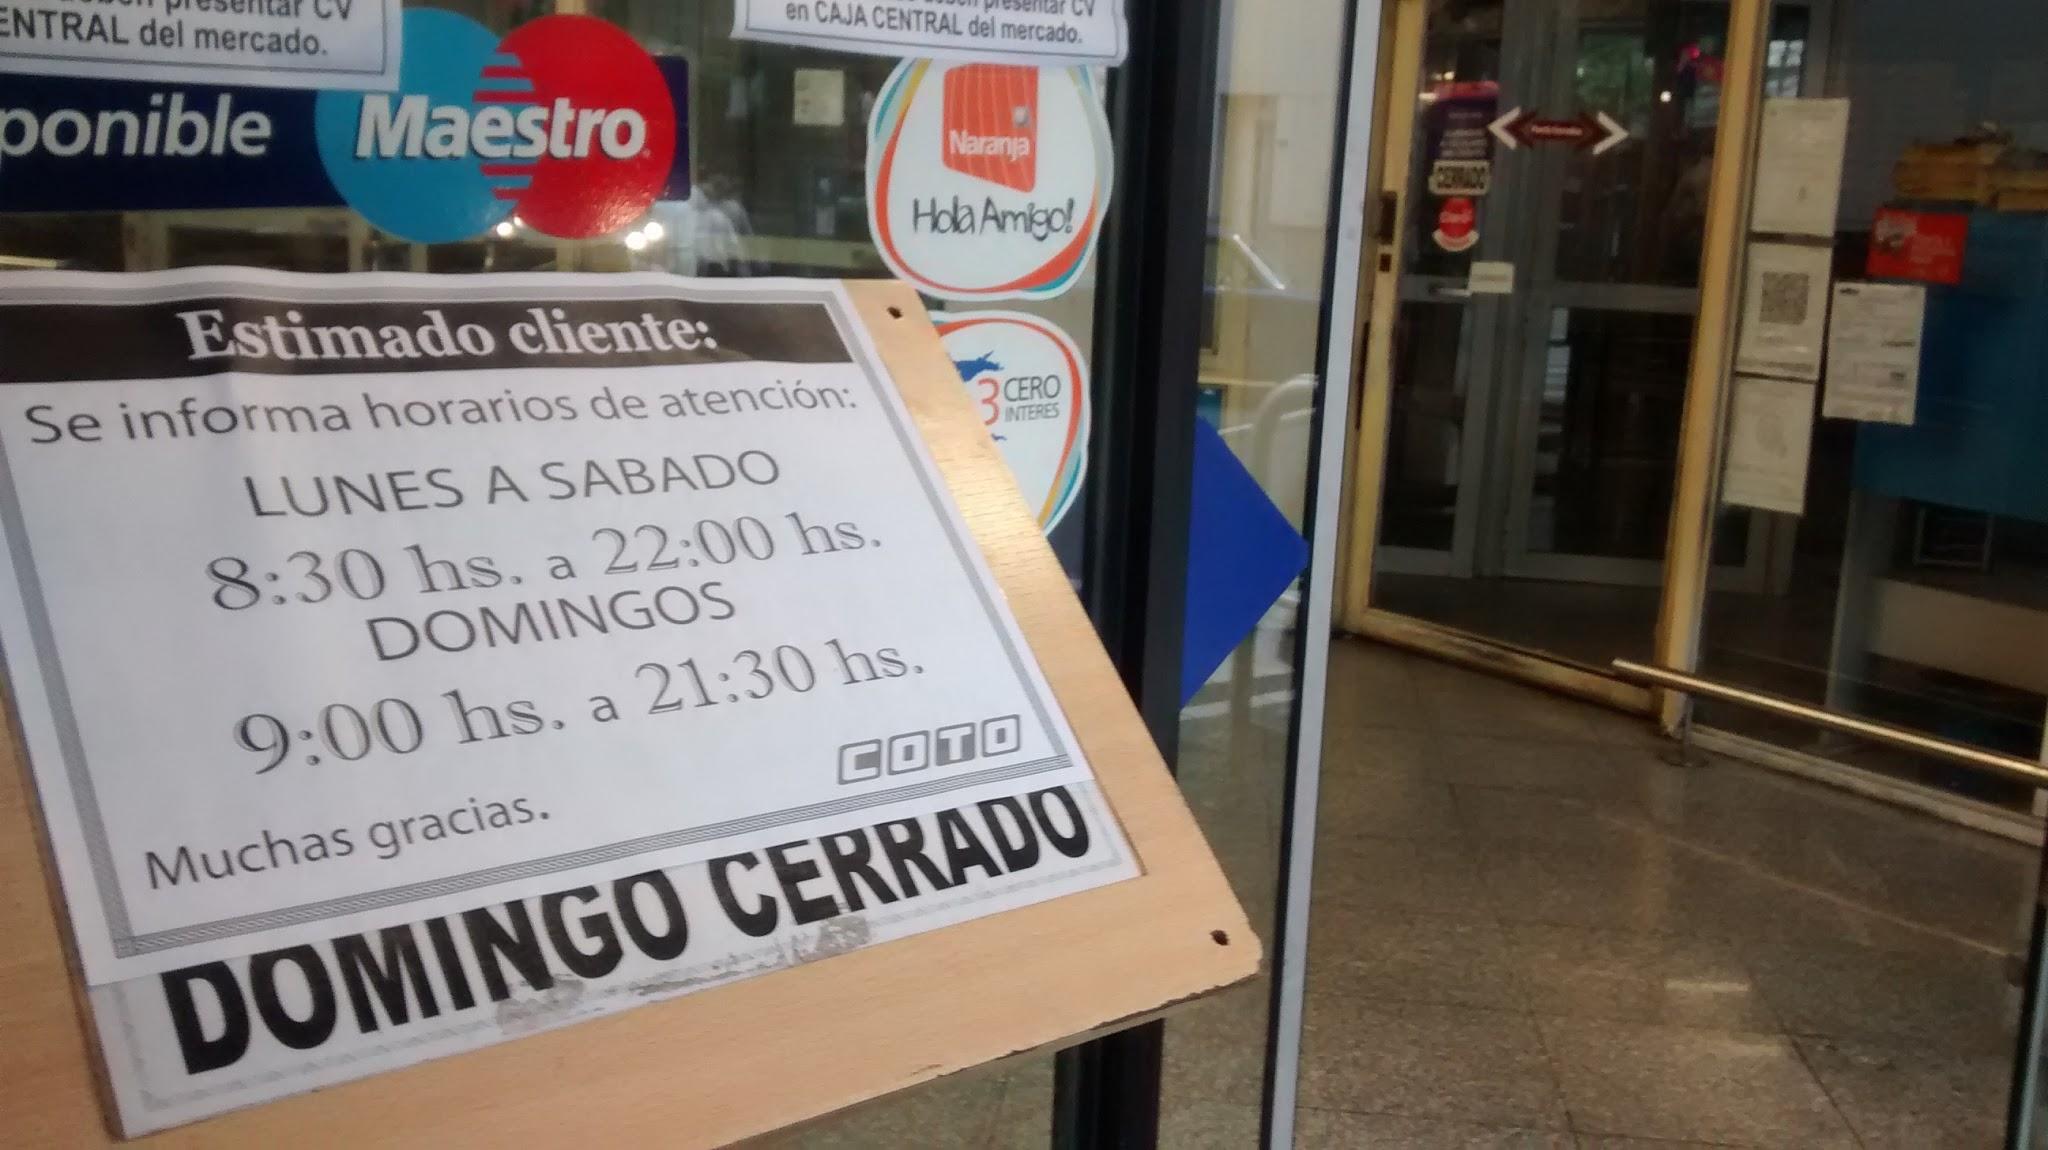 Una de las postales del día. Sobre el cartel que especificaba que el domingo se encontraba cerrado, ahora está el nuevo horario de apertura. (Foto: Rosarioplus)